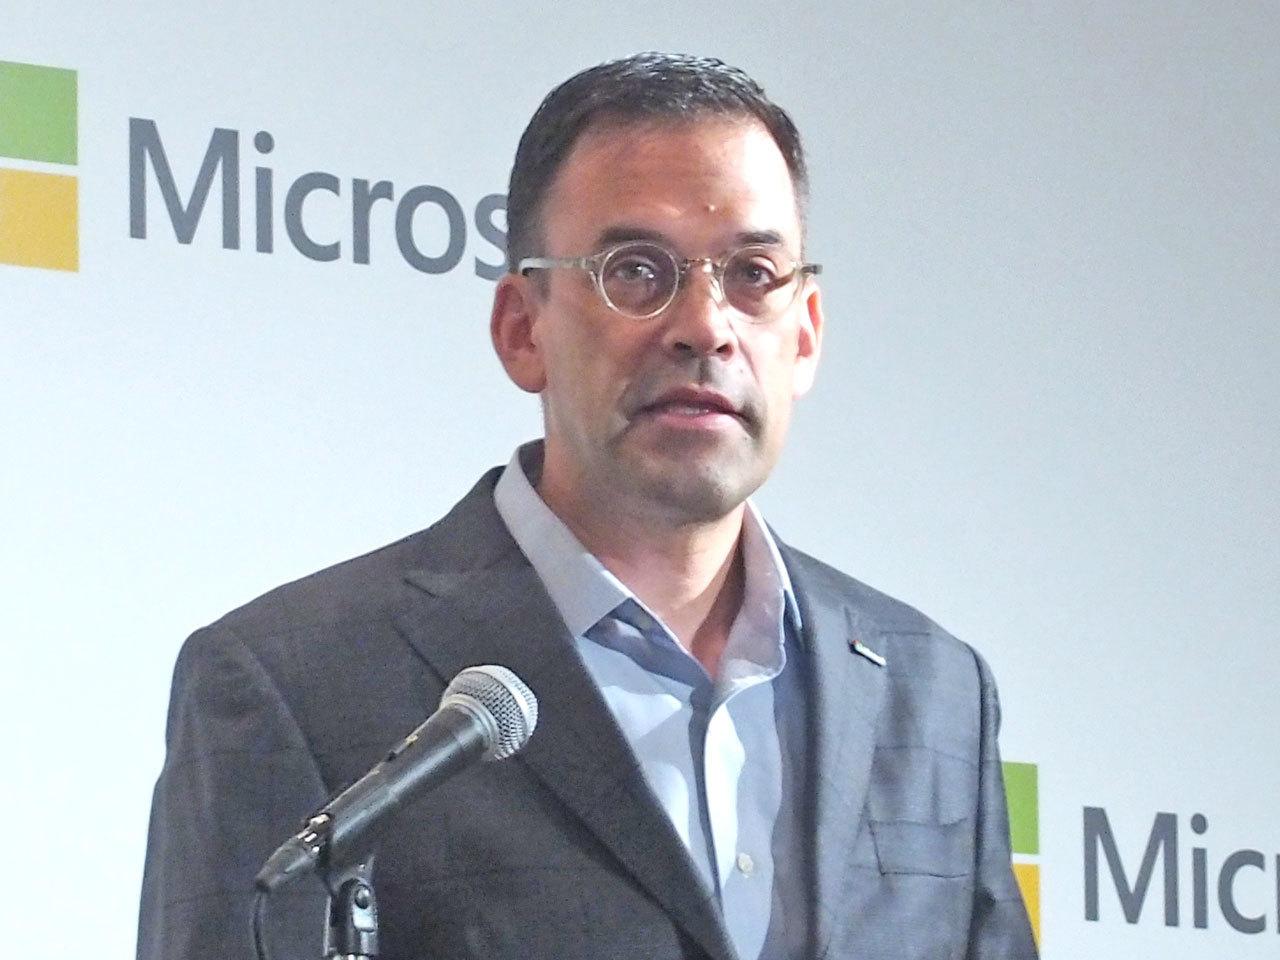 業種別施策の深掘りとクラウドやAIの人材育成を強化--マイクロソフトの新方針